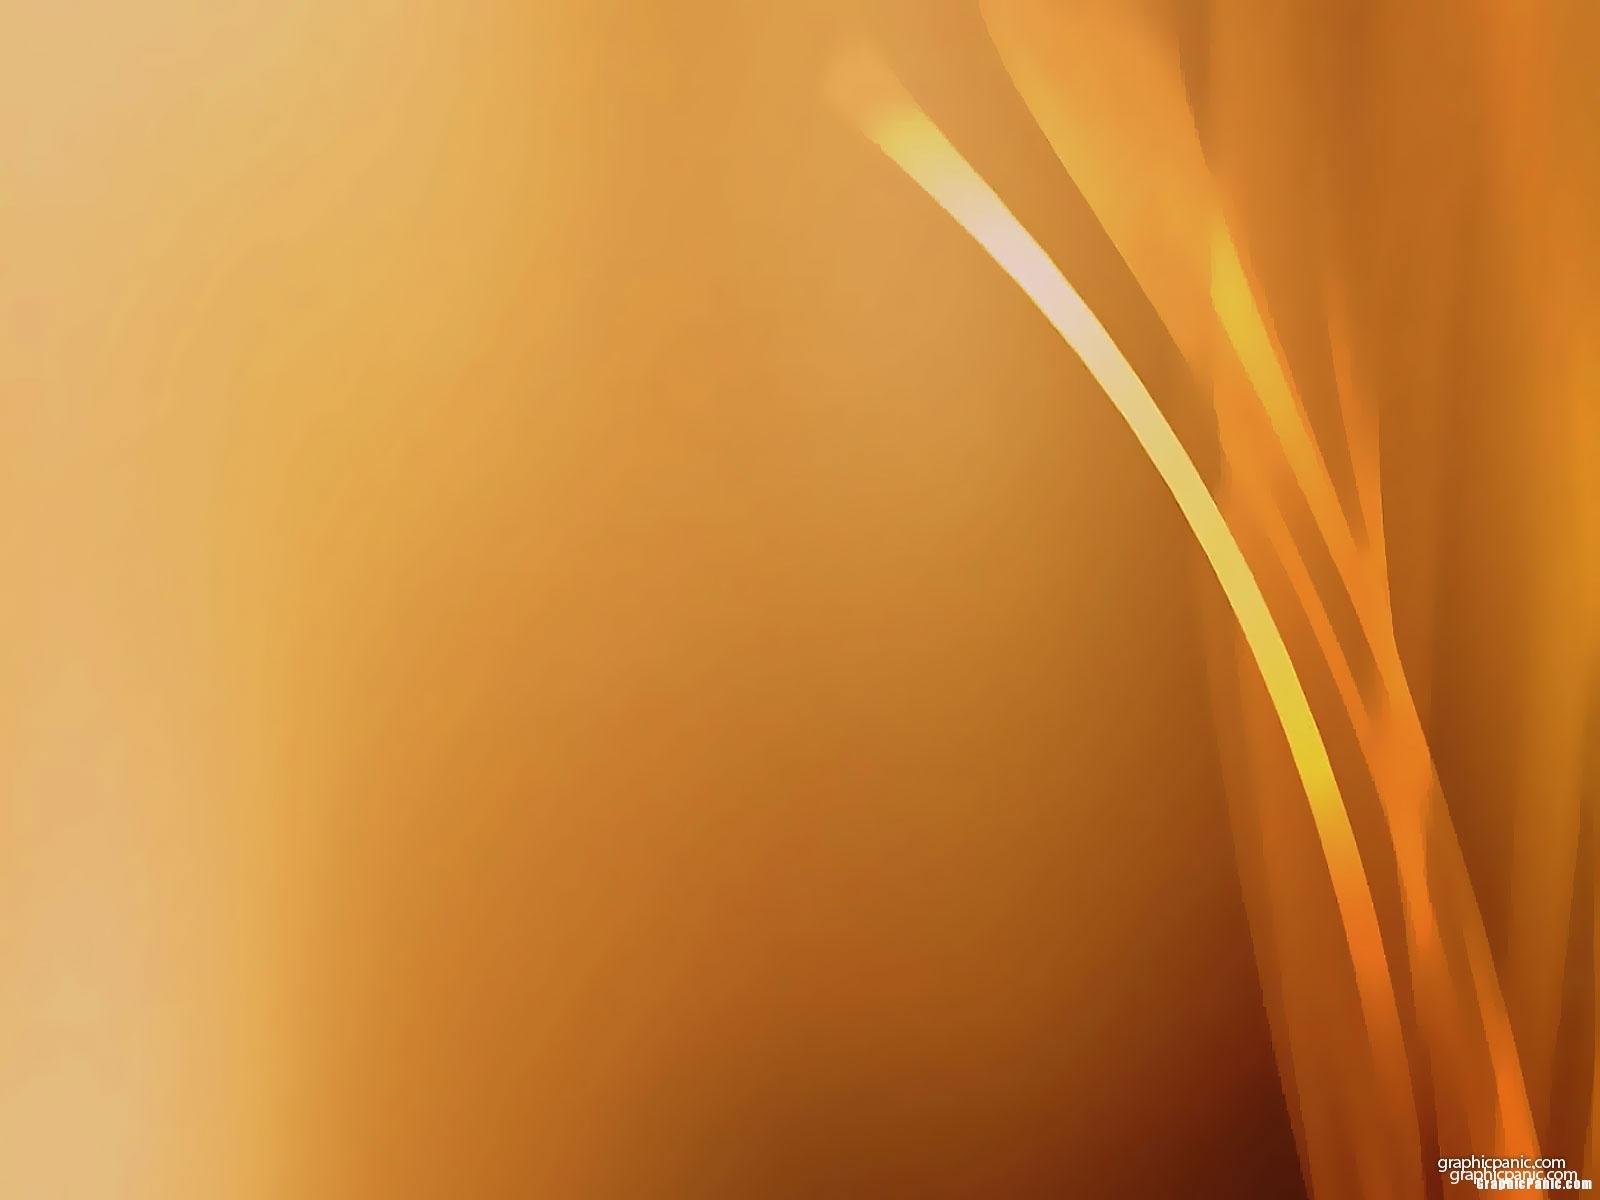 orange painted background